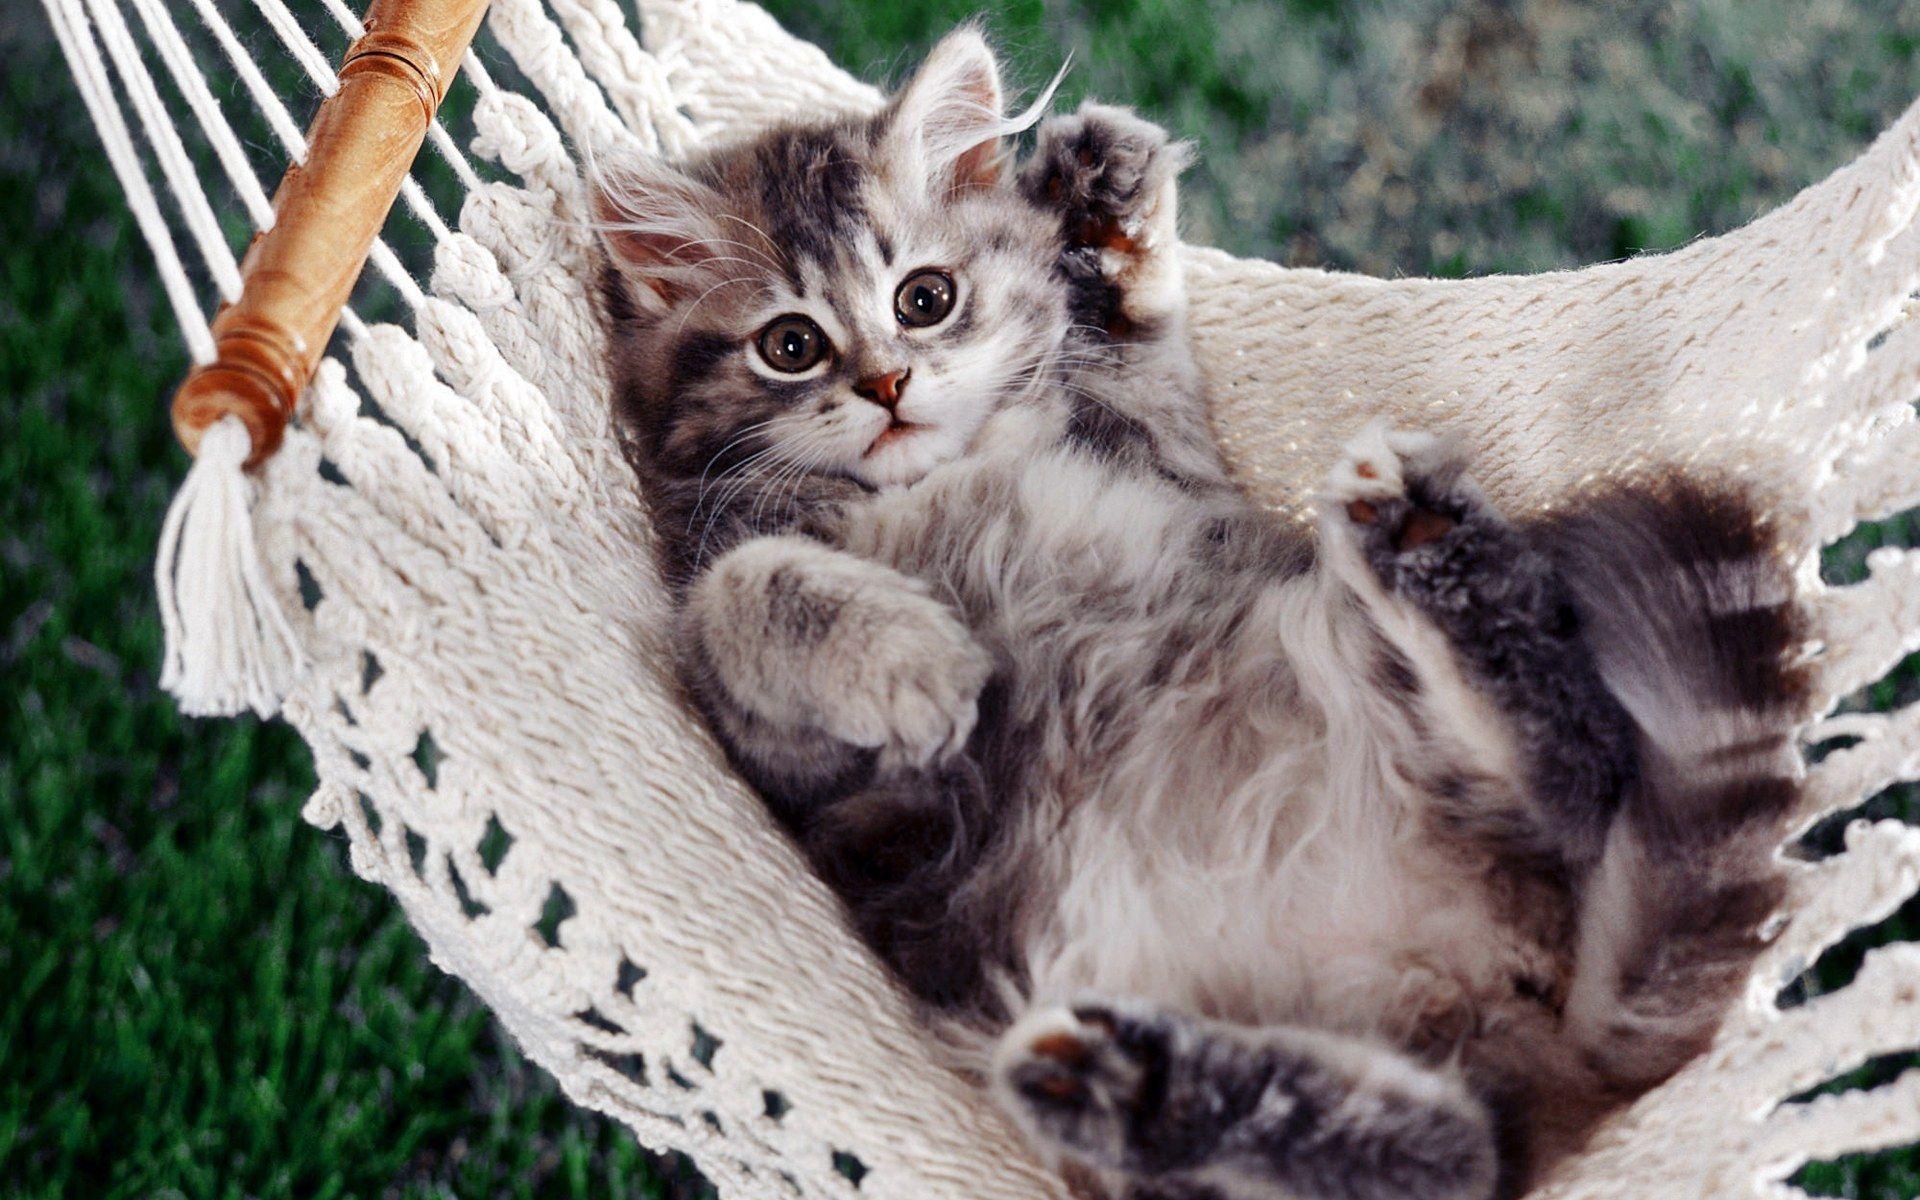 Cats Free Download Hq Cats Wallpaper Num 398 1920 X 1200 416 2 Kb Kittens Cutest Pretty Cats Cute Animals